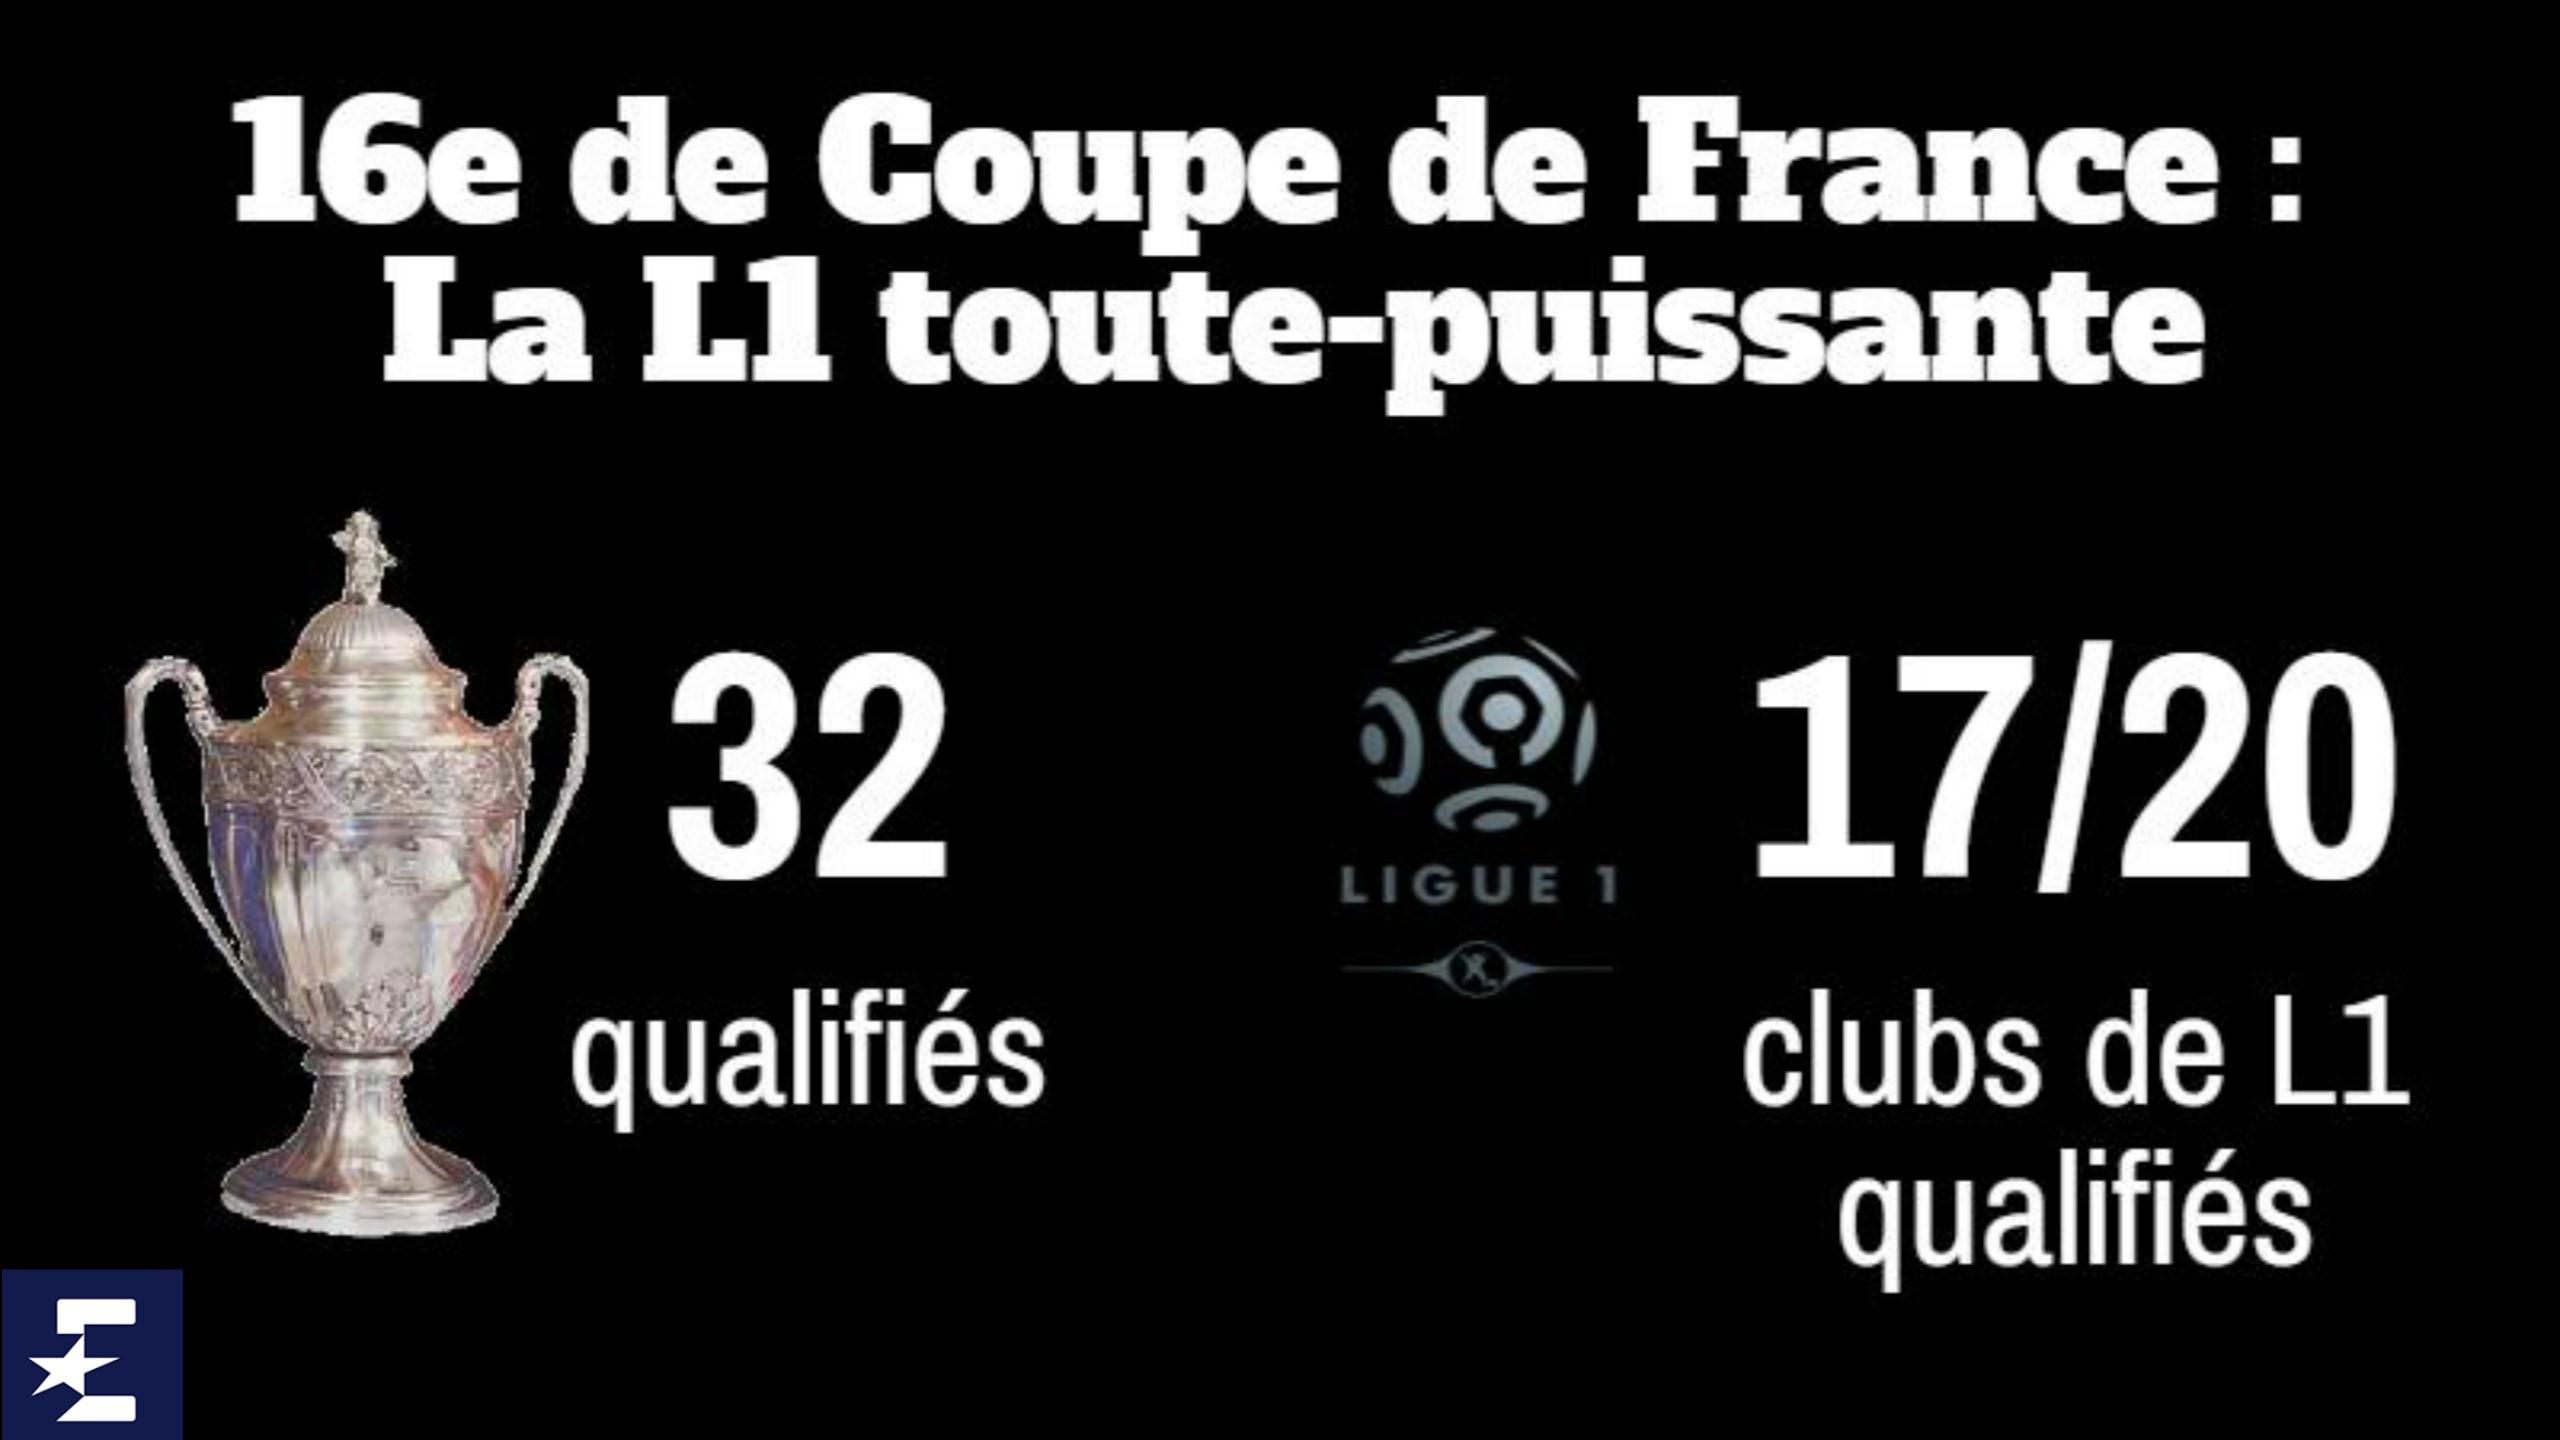 16e de Coupe de France : la Ligue 1 toute-puissante